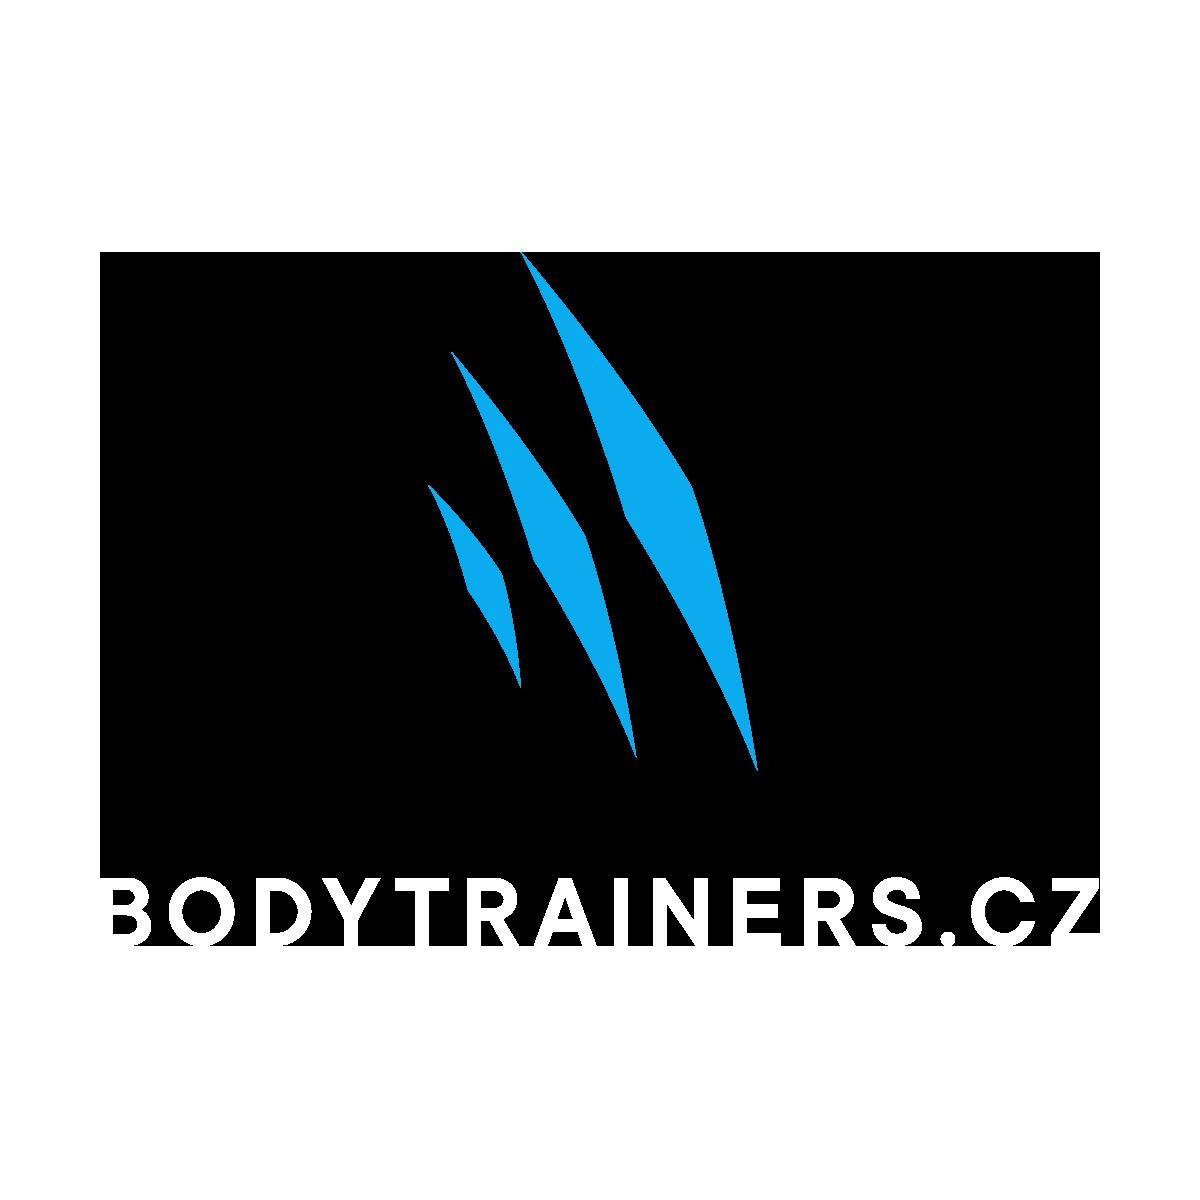 Bodytrainers.cz